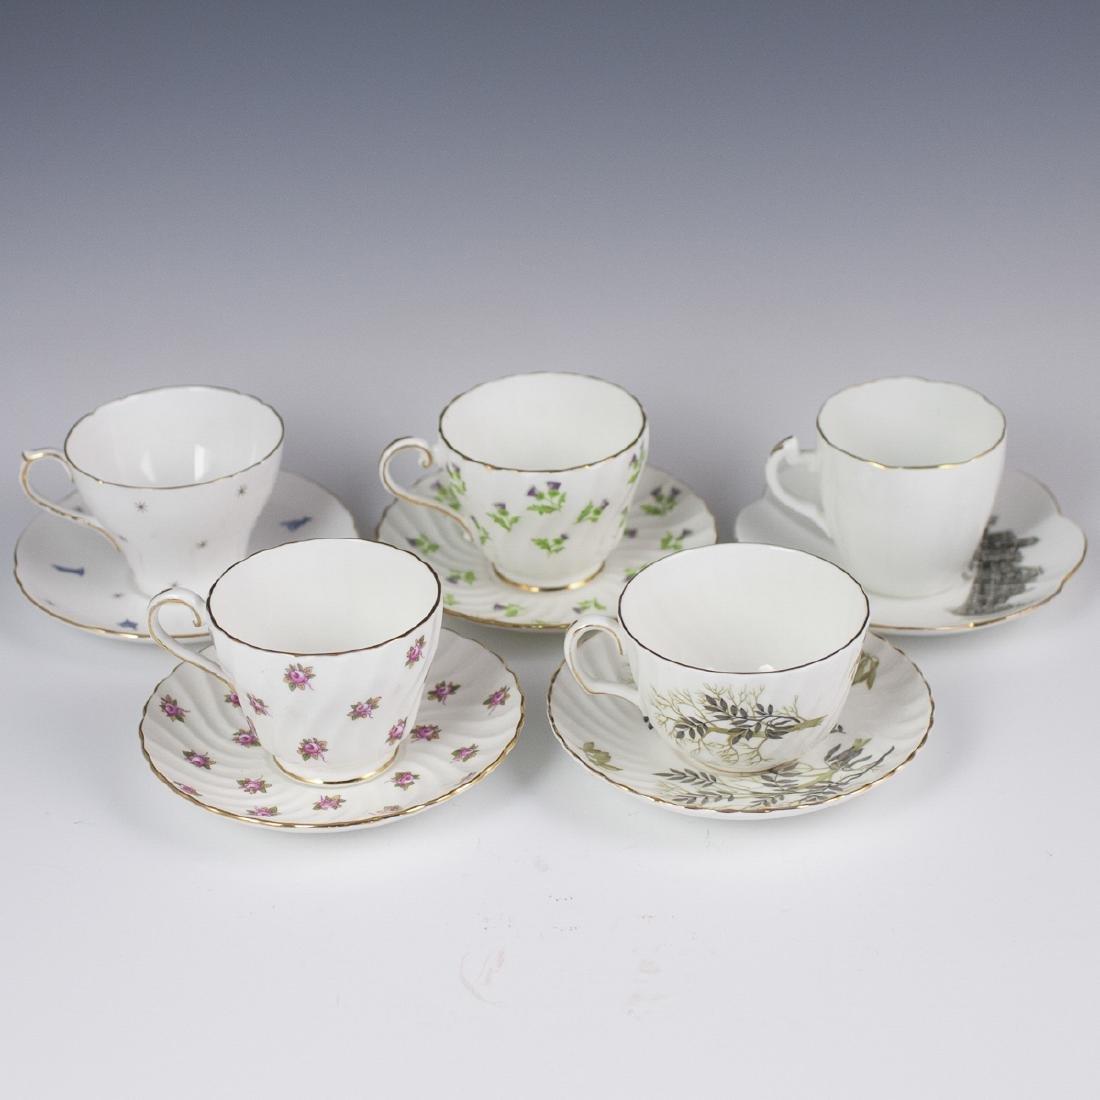 Vintage Porcelain Tea Cups